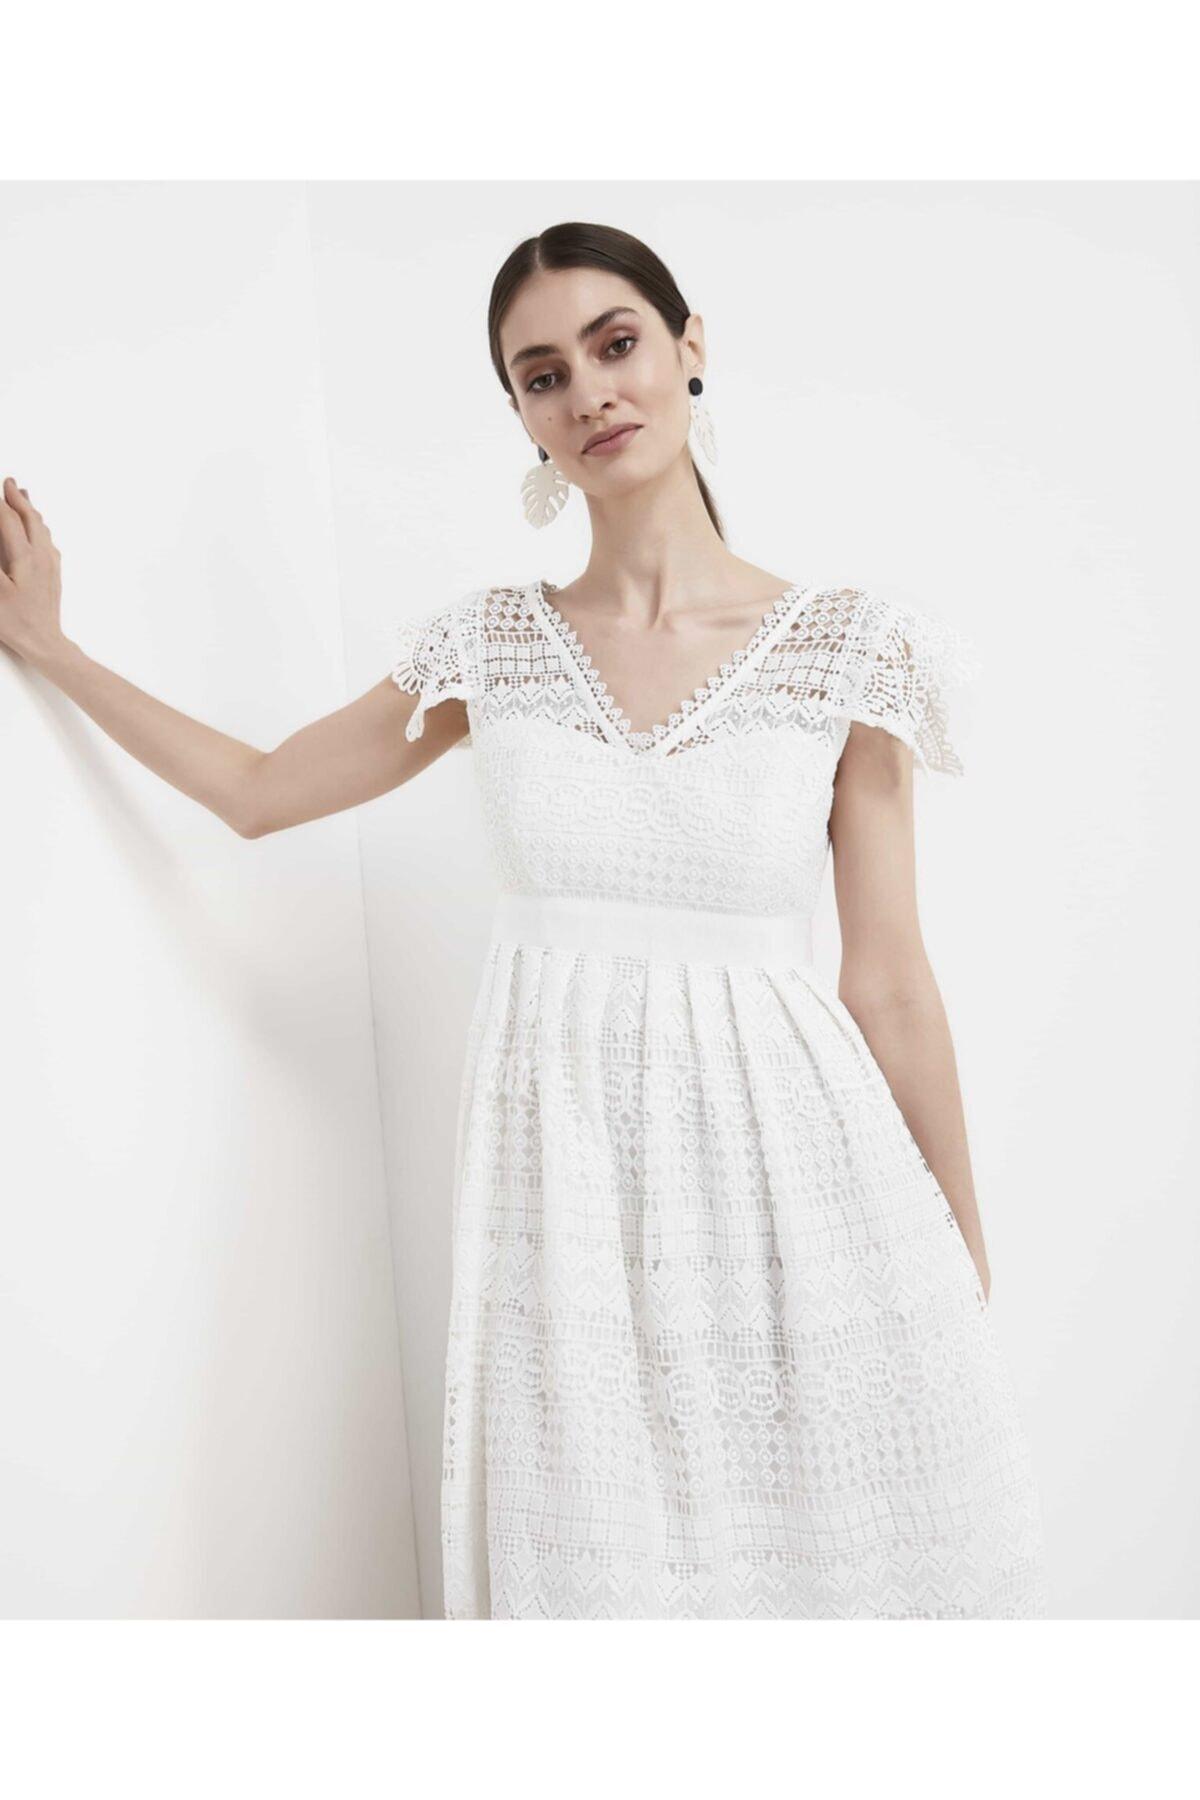 İpekyol Kadın Kırık Beyaz Bel Vurgulu Güpür Elbise 1